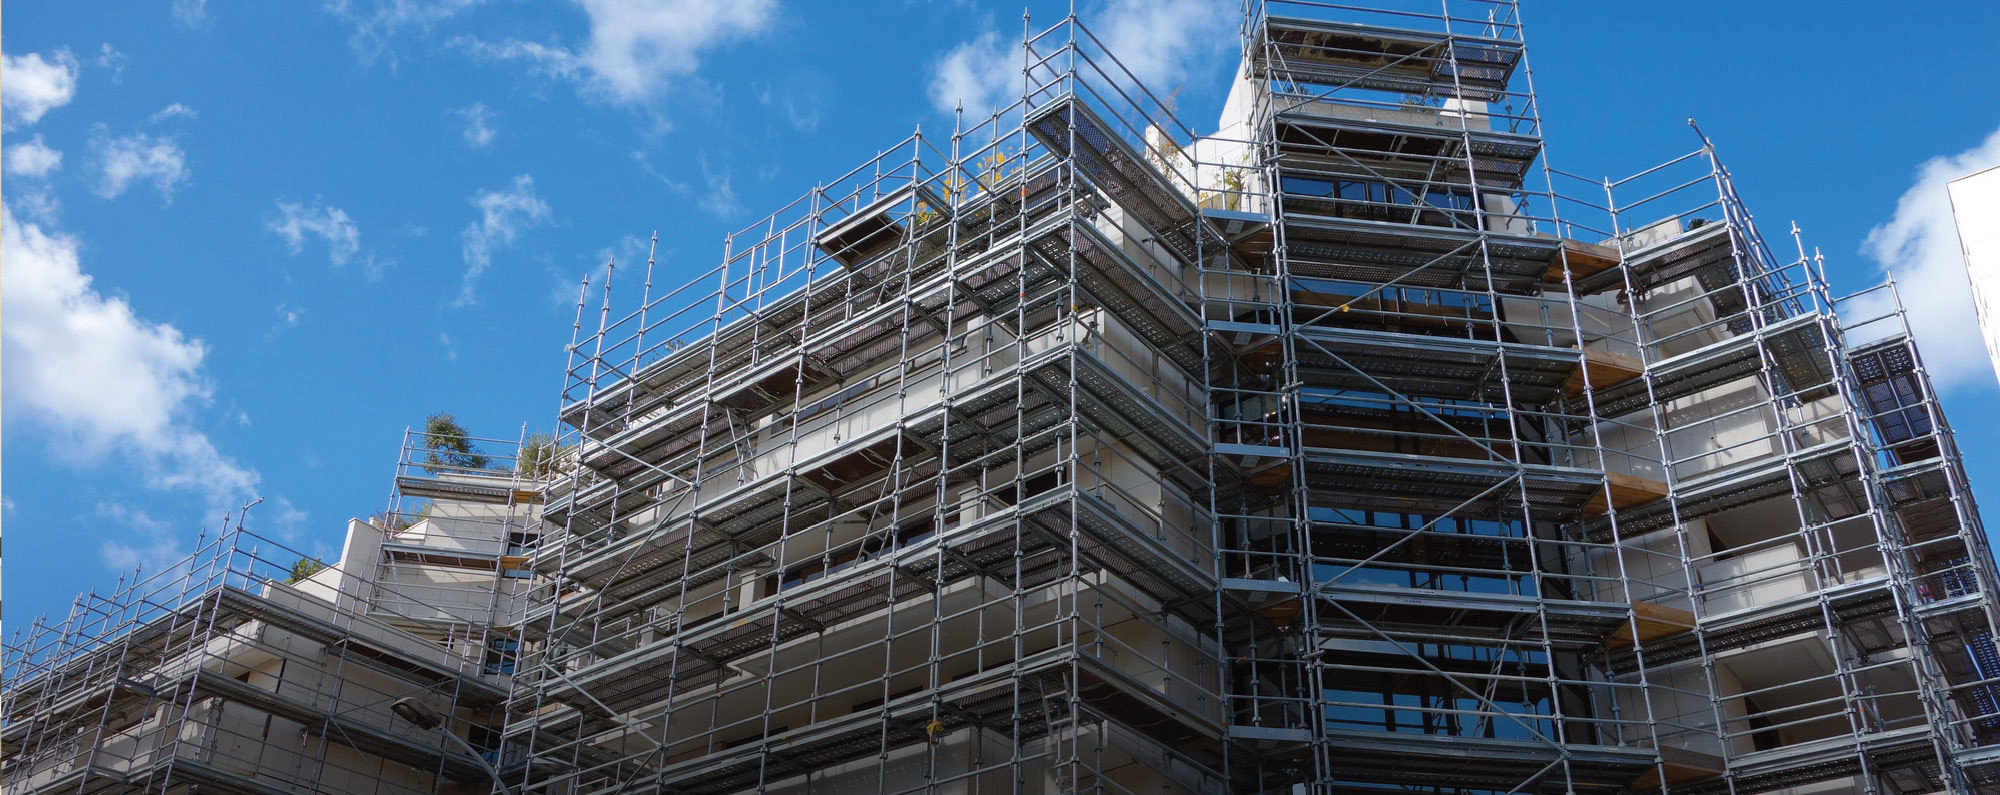 Impresa edile a roma ristrutturazione roma edil nicosanti for Imprese edili e costruzioni londra